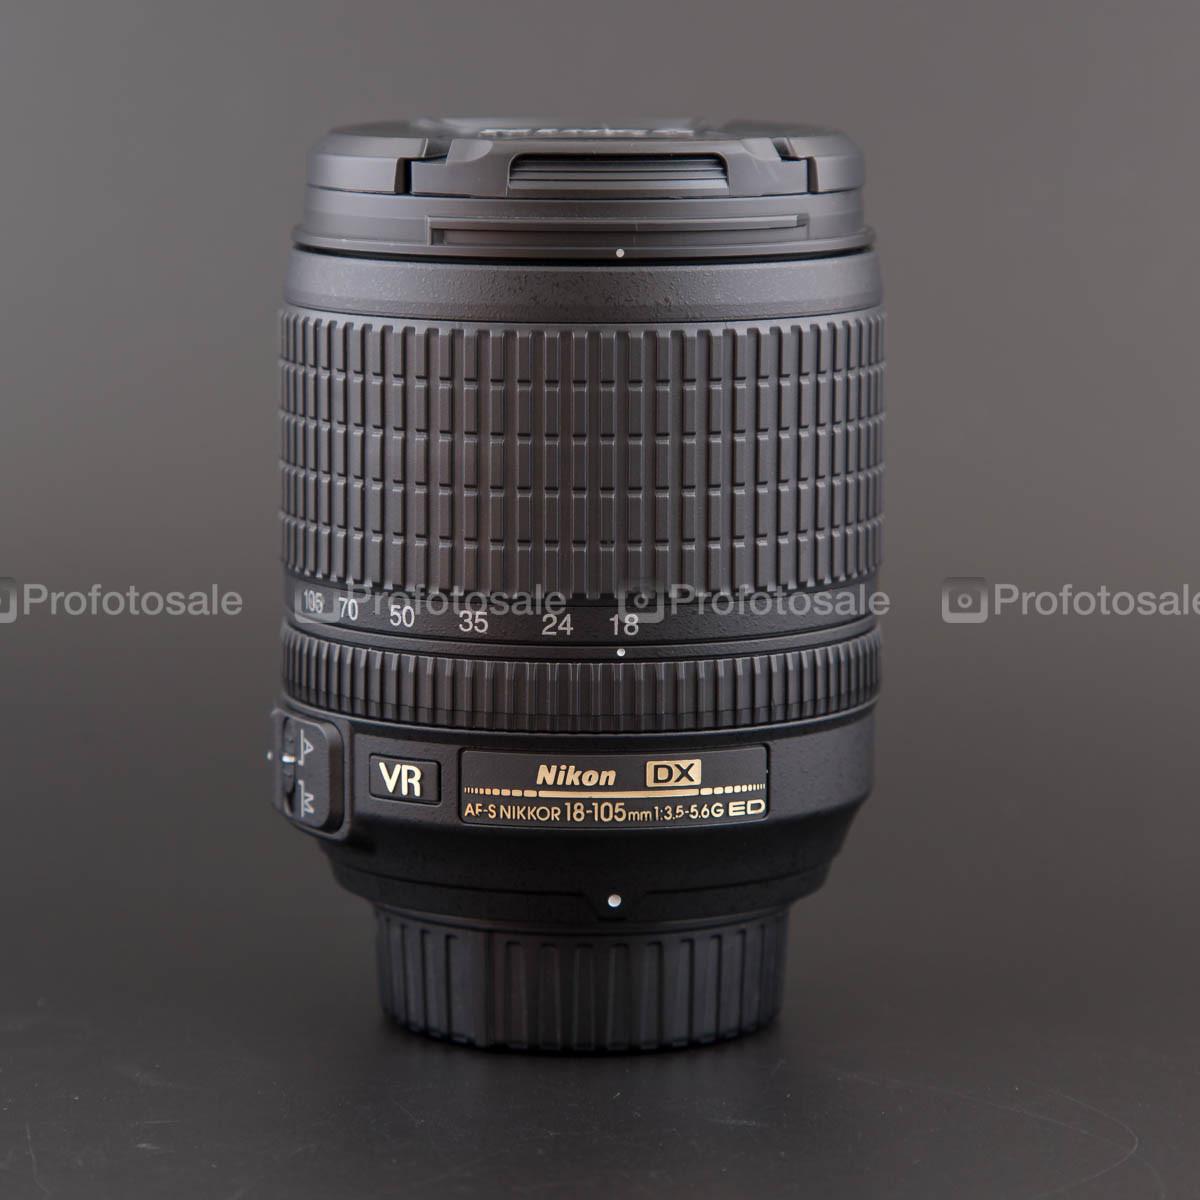 Nikkor 18-105 mm 1:3.5 - 5.6 G ED VR